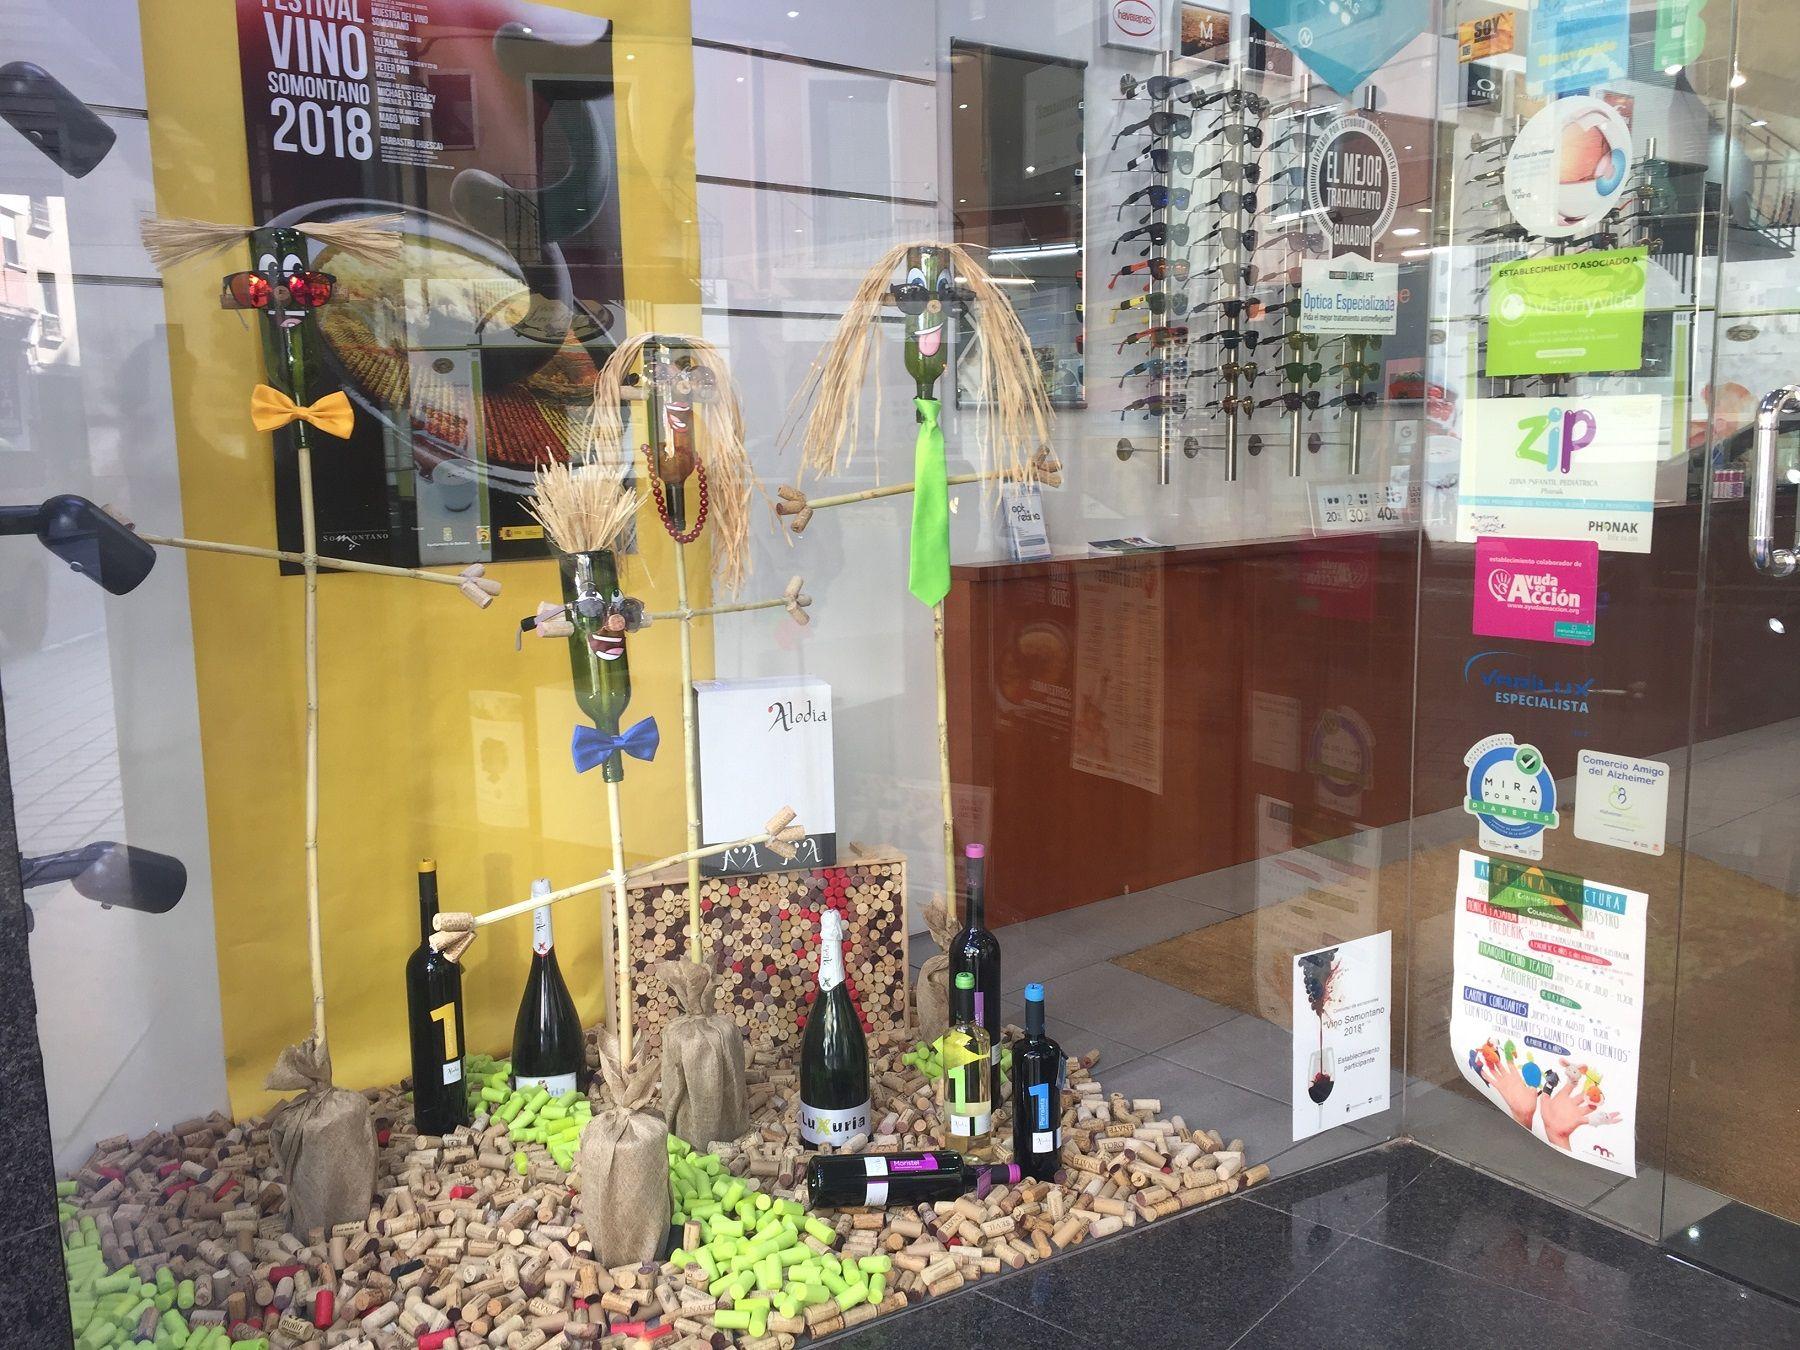 Natural Optics San Ramón, escaparate ganador del concurso Vino Somontano 2018